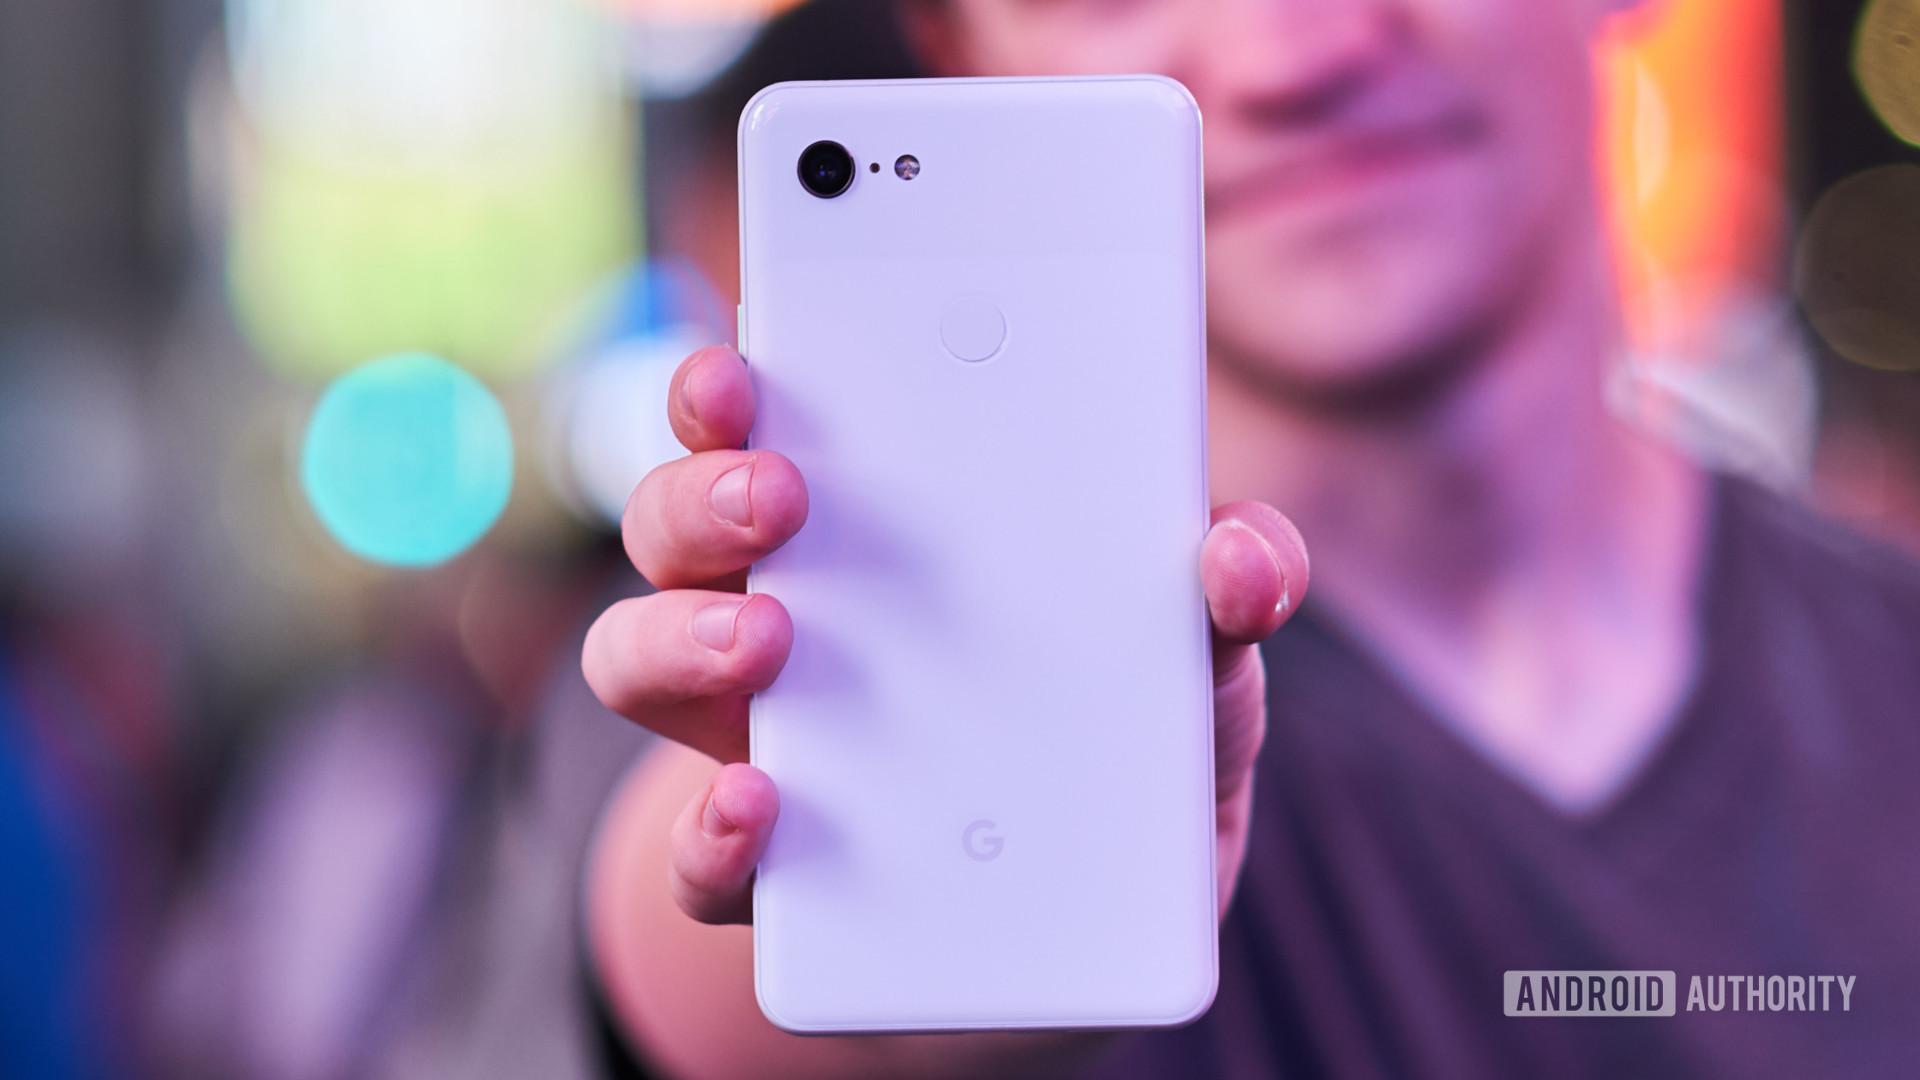 Pixel 3 XL hands on